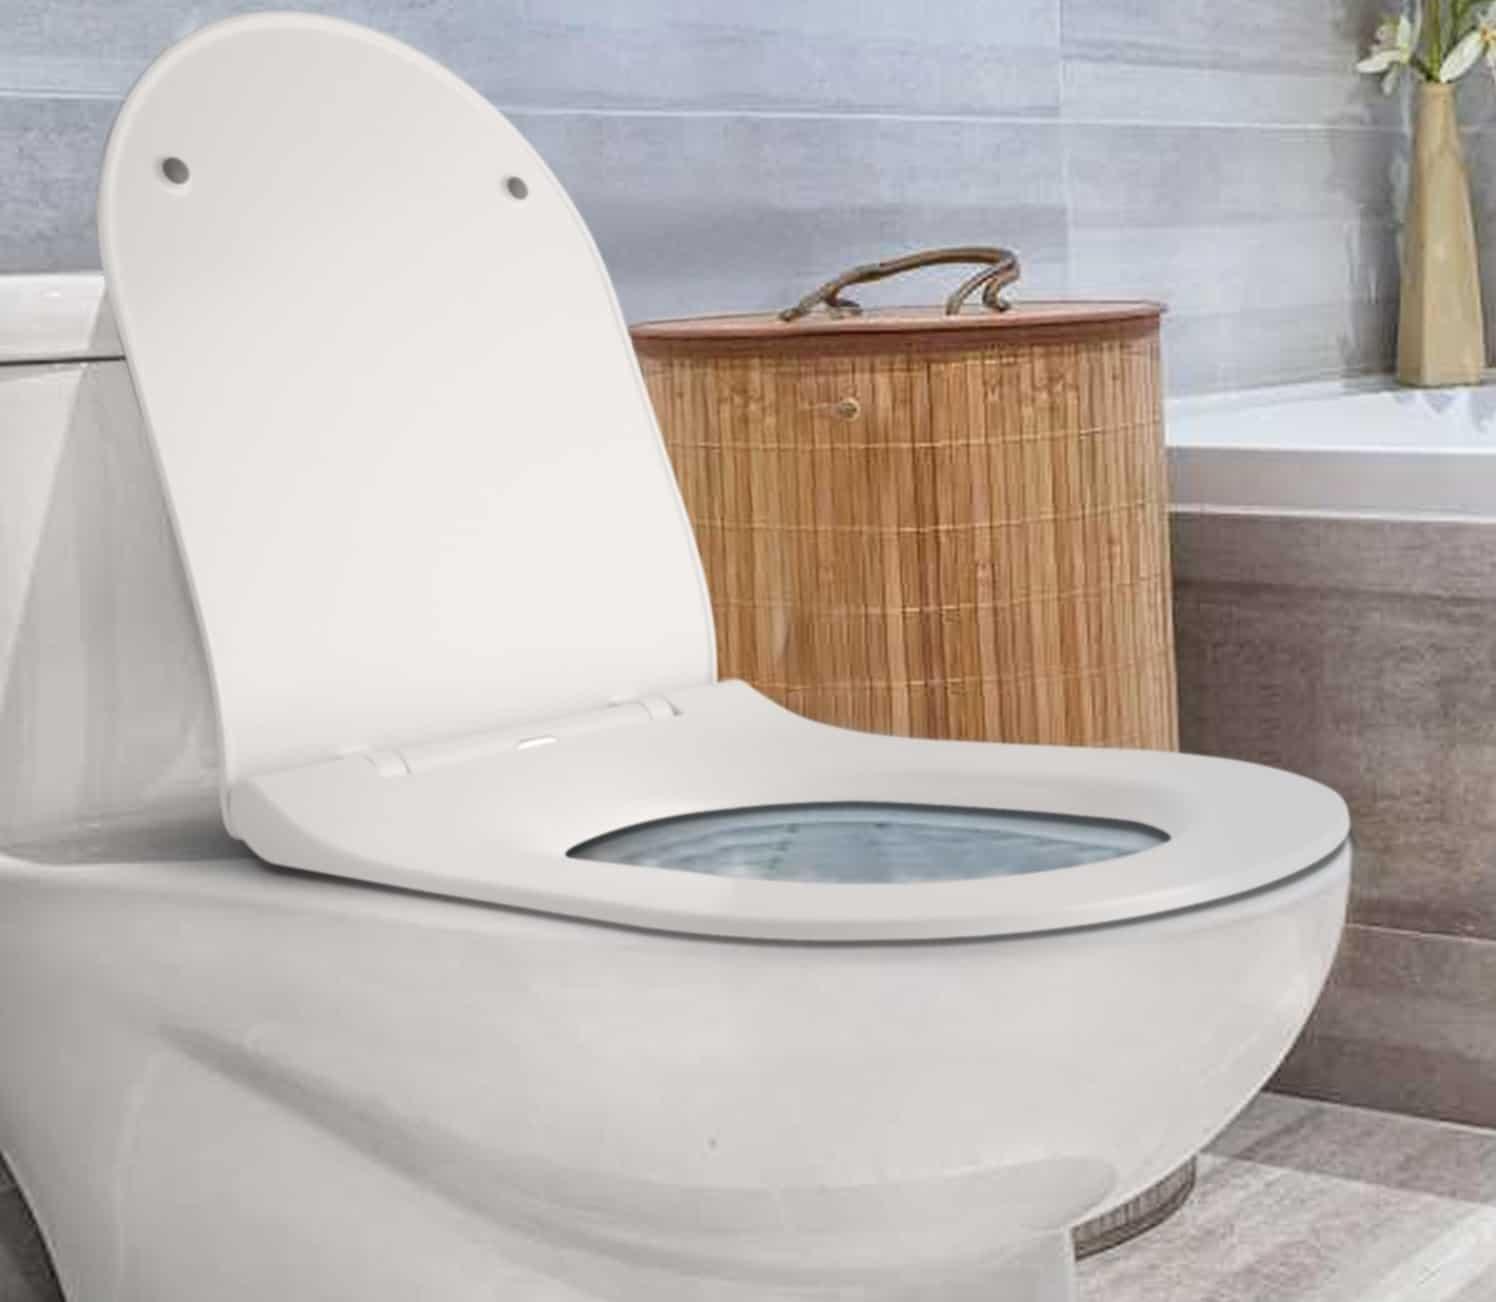 abattant wc design les meilleures lunettes de toilettes. Black Bedroom Furniture Sets. Home Design Ideas